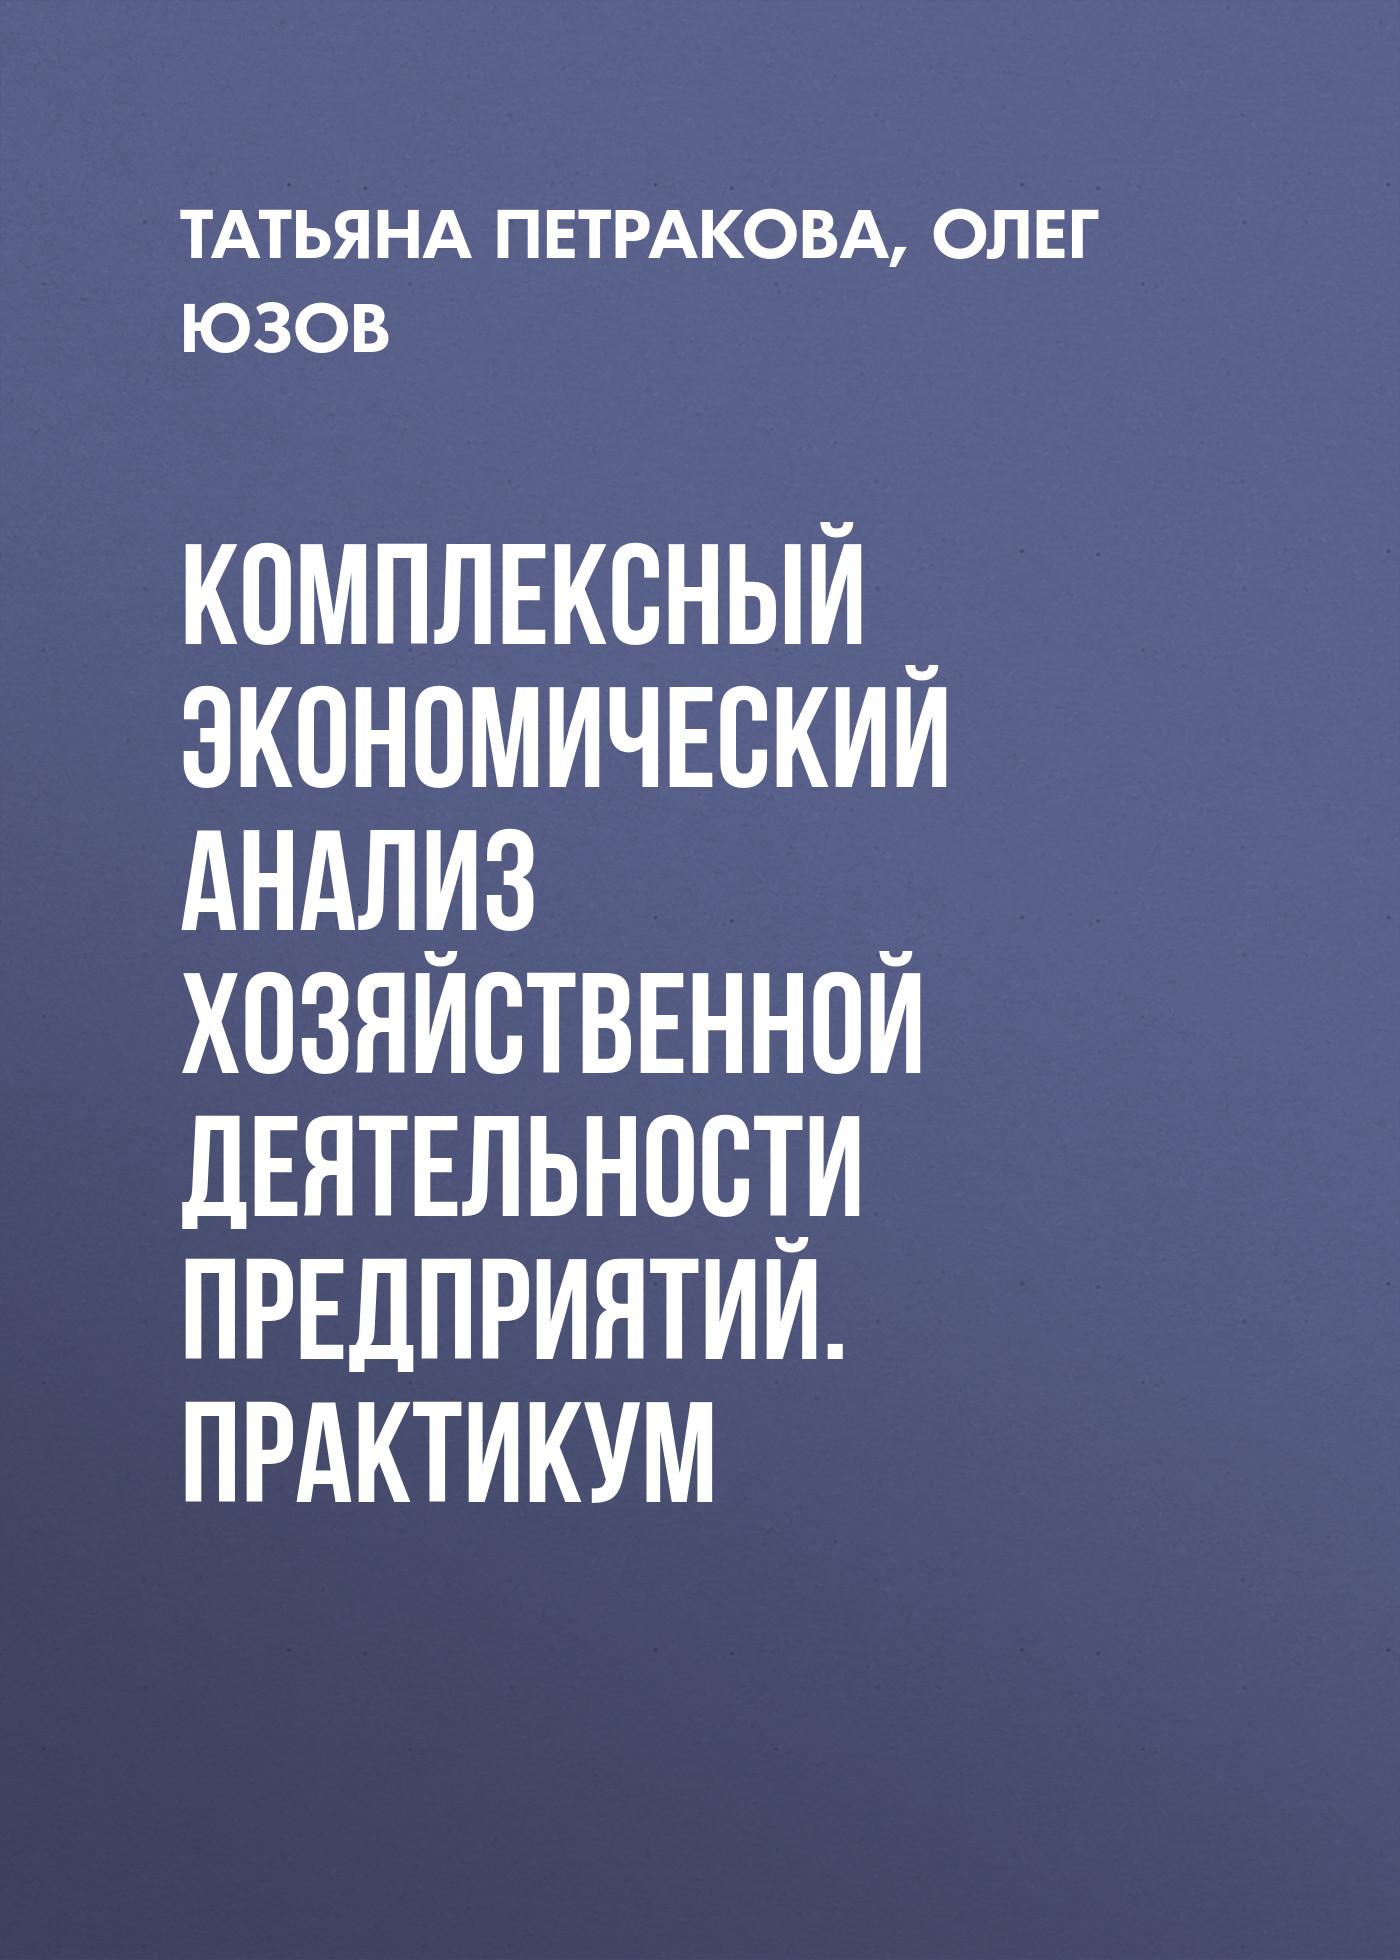 Олег Юзов. Комплексный экономический анализ хозяйственной деятельности предприятий. Практикум